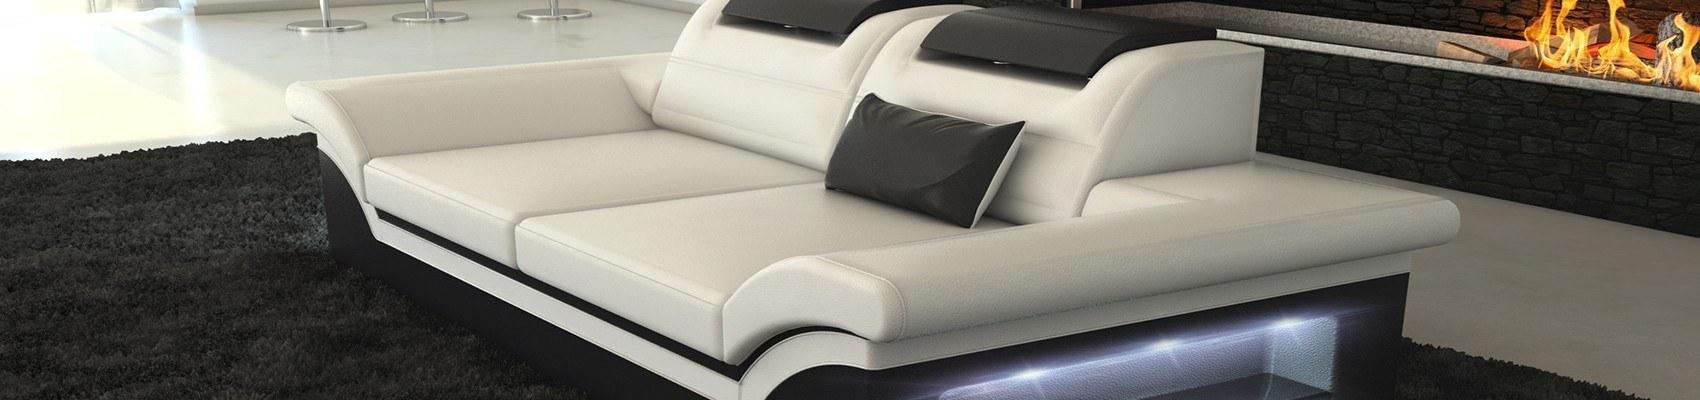 Sofa sæt i læder